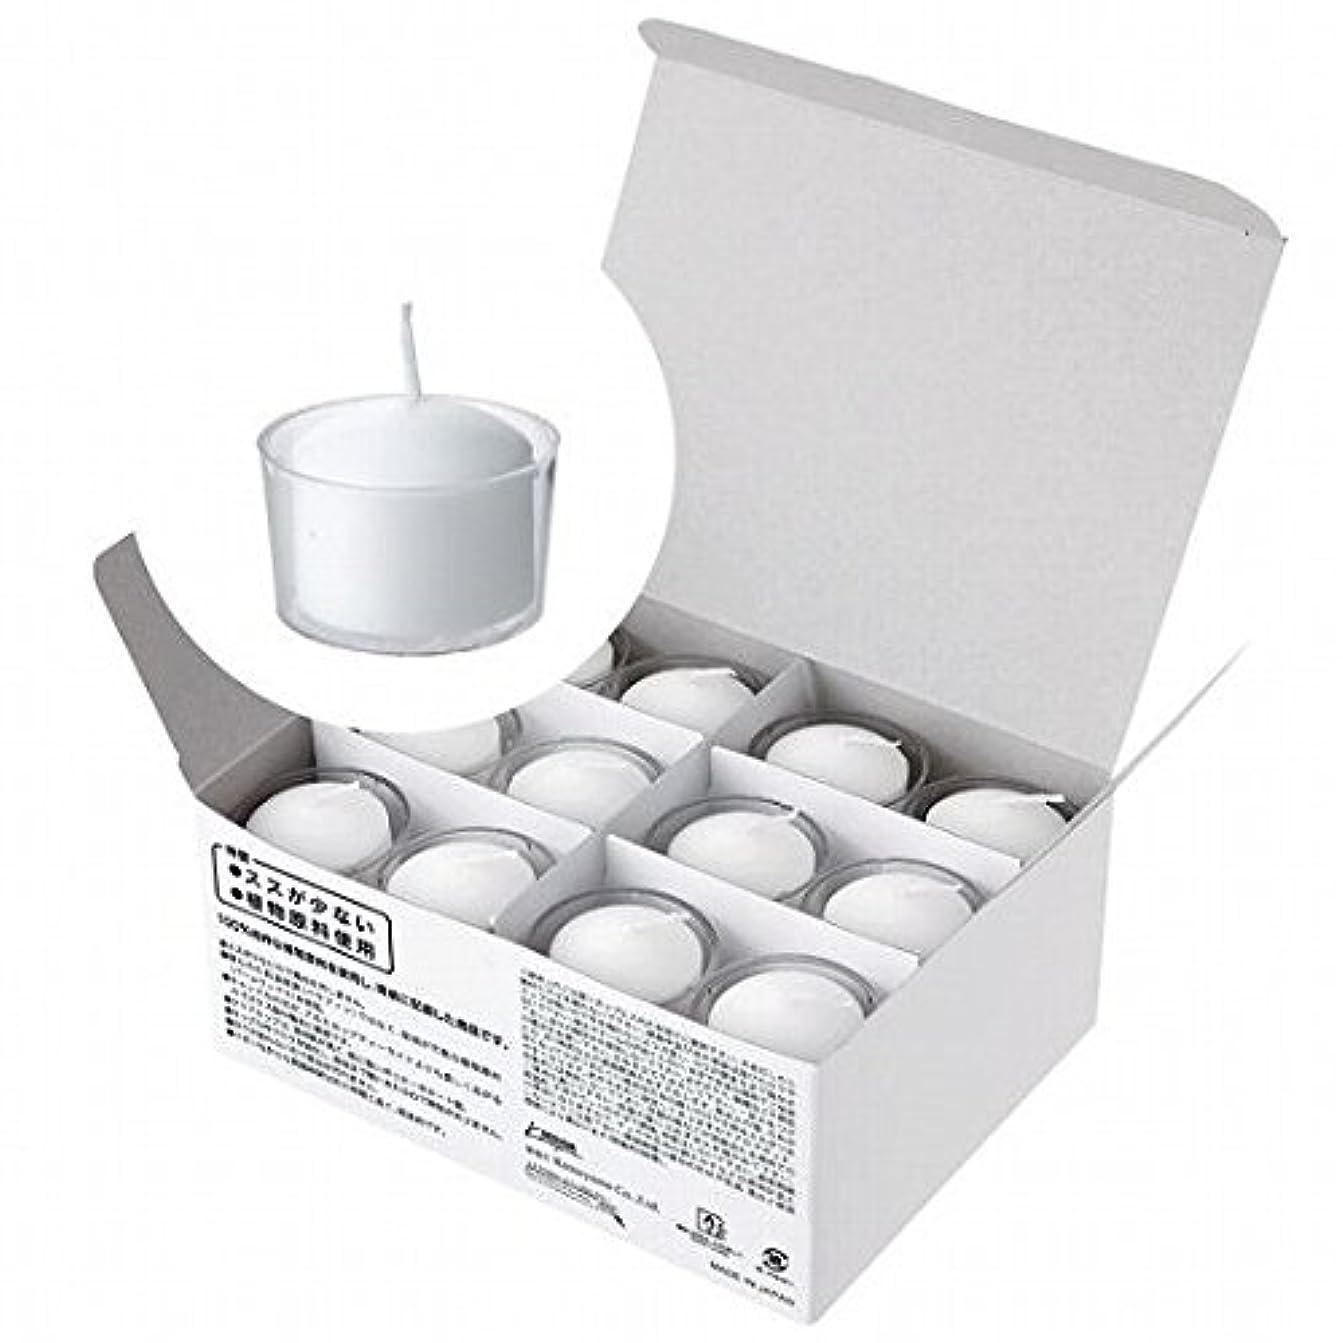 巧みなはさみ市区町村kameyama candle(カメヤマキャンドル) クレア 5時間タイプ24個入り【ススが出にくいキャンドル】「 ホワイト 」(A8165524W)